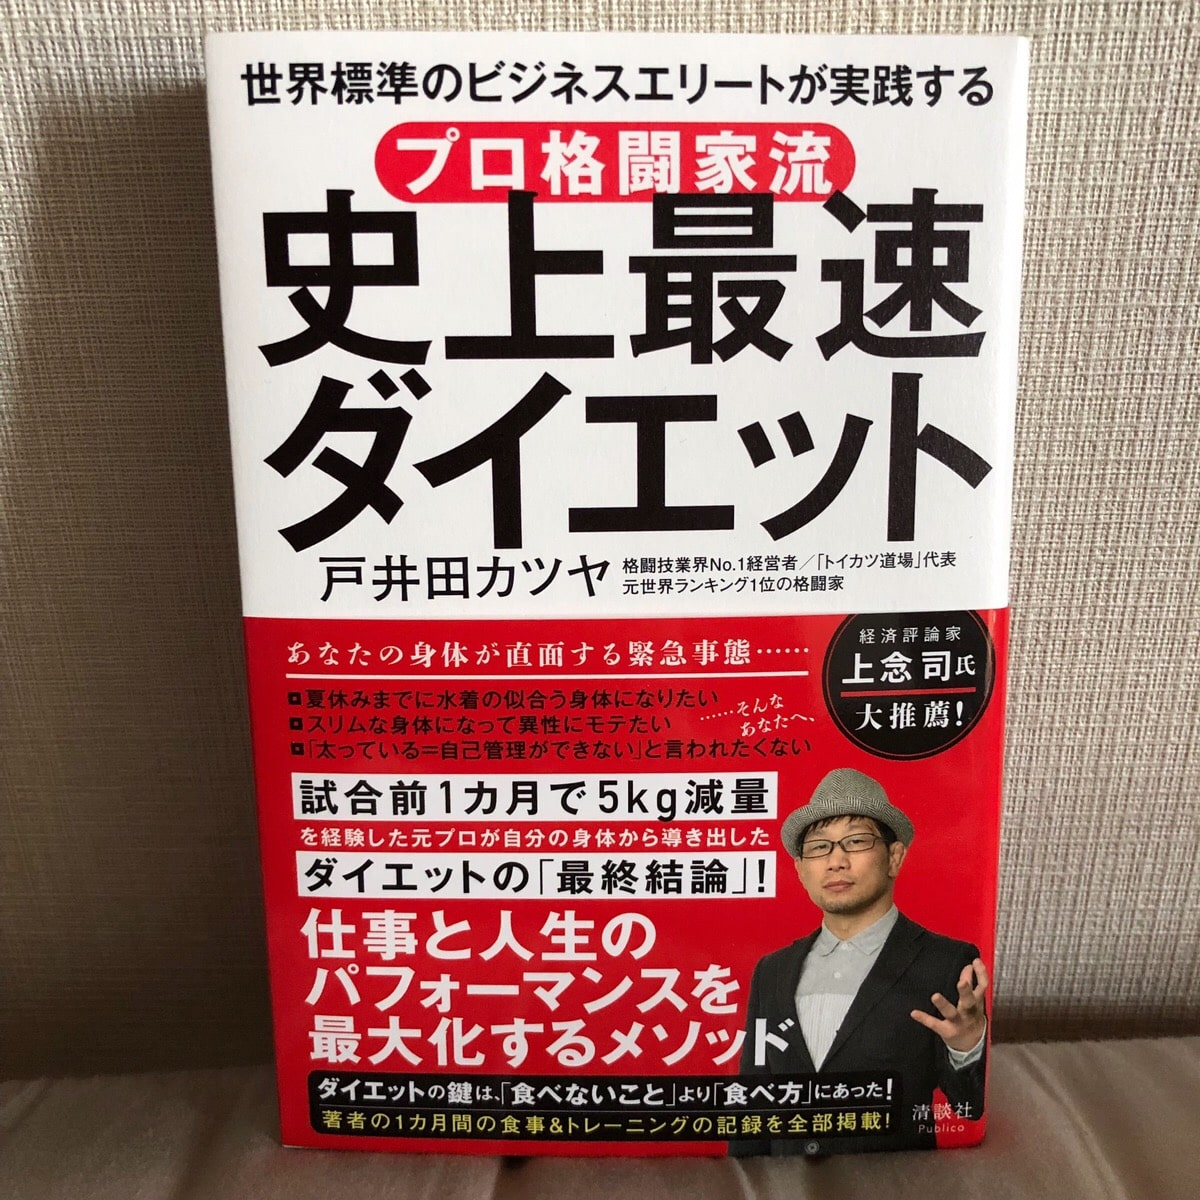 ファイトフィット柏_史上最速ダイエット_戸井田カツヤ